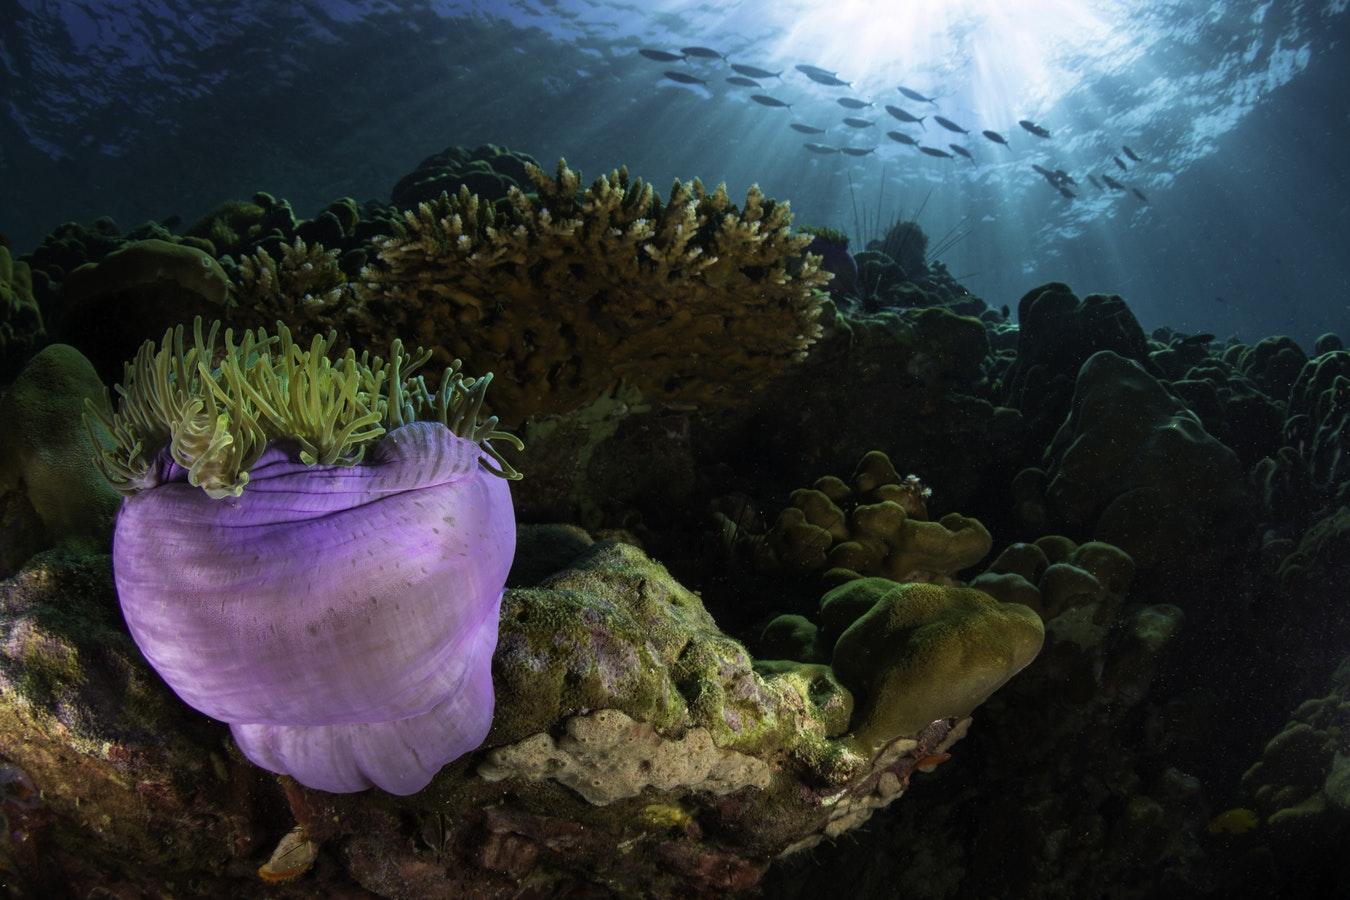 Les conditions d'éclairage sous l'eau